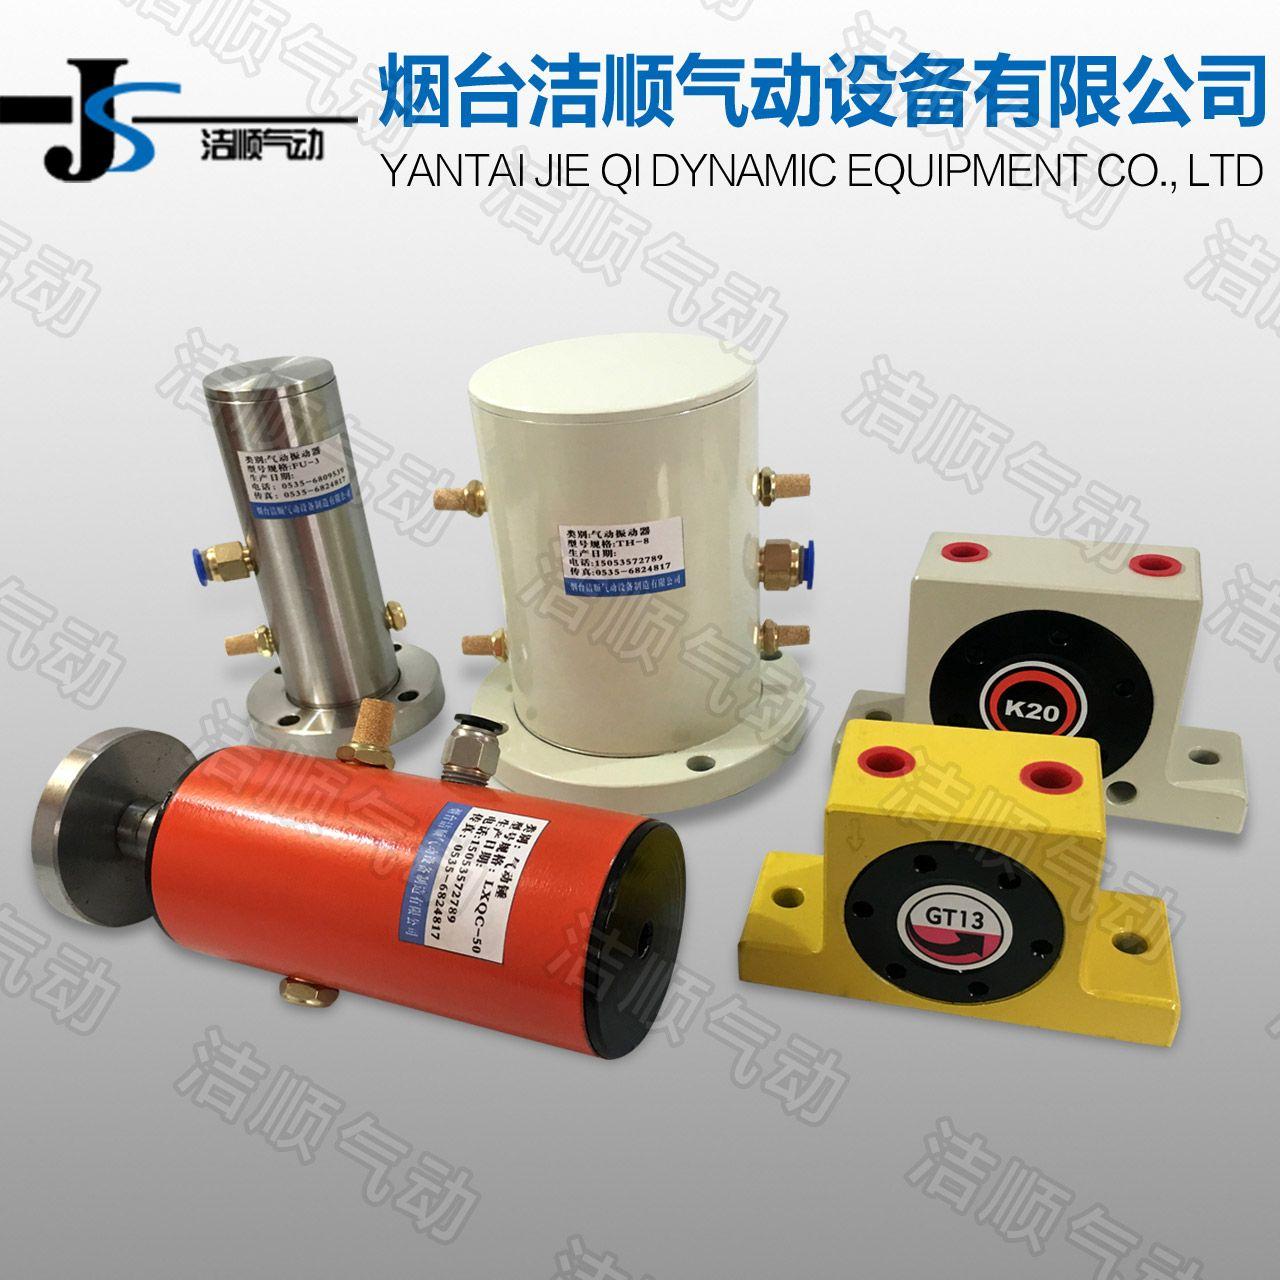 烟台洁顺 QJQ3-100 304不锈钢 气动振动器